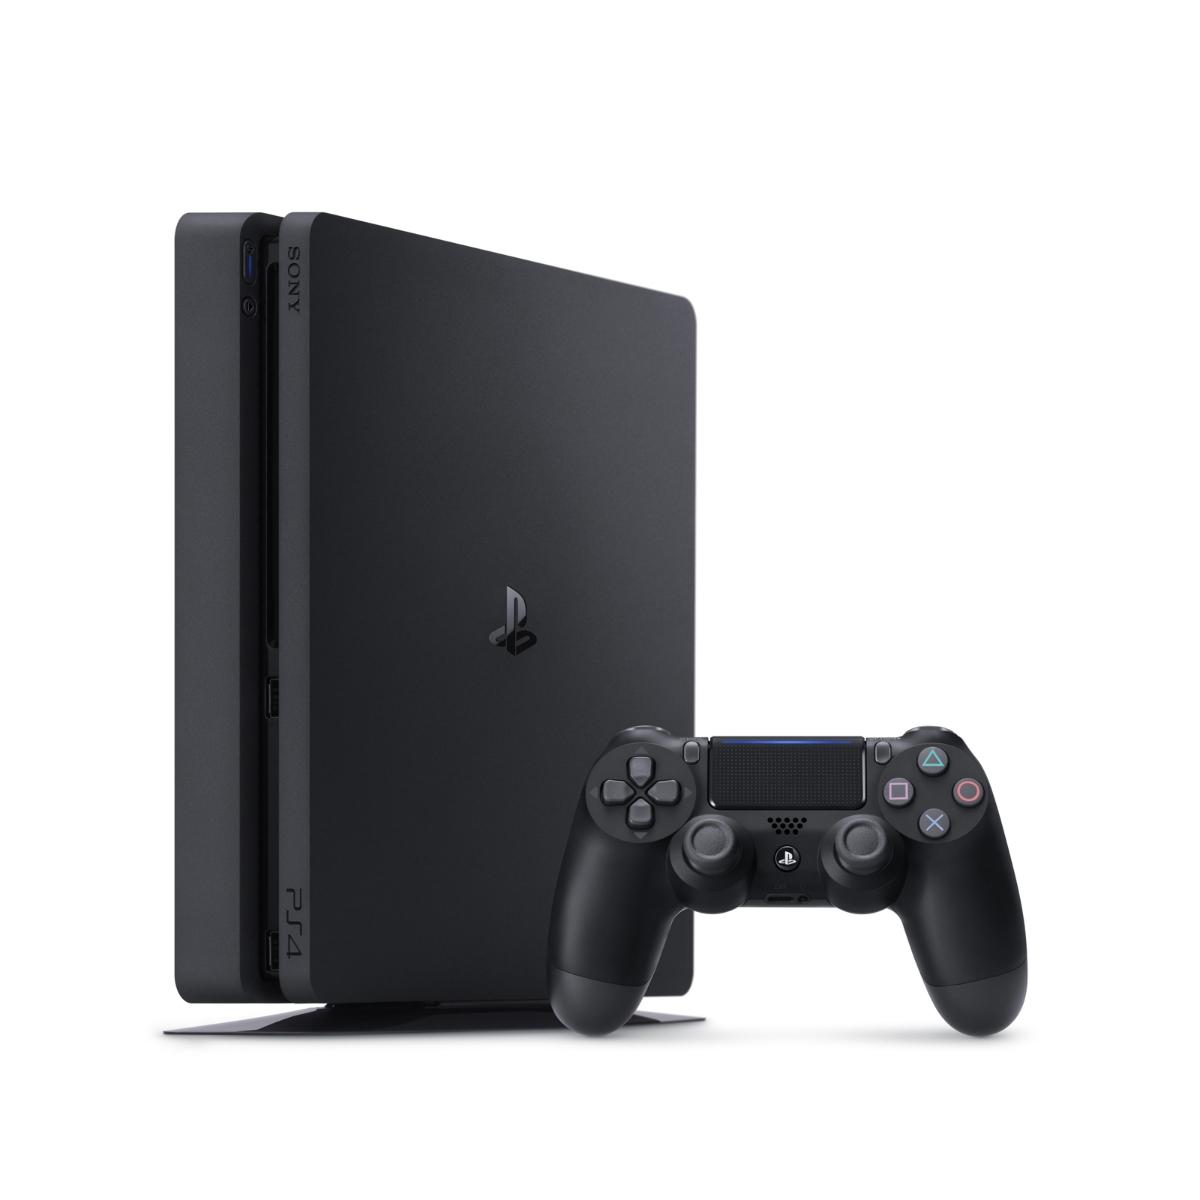 【在庫あり】新品 PlayStation 4 ジェット・ブラック 1TB (CUH-2200BB01) /PS4